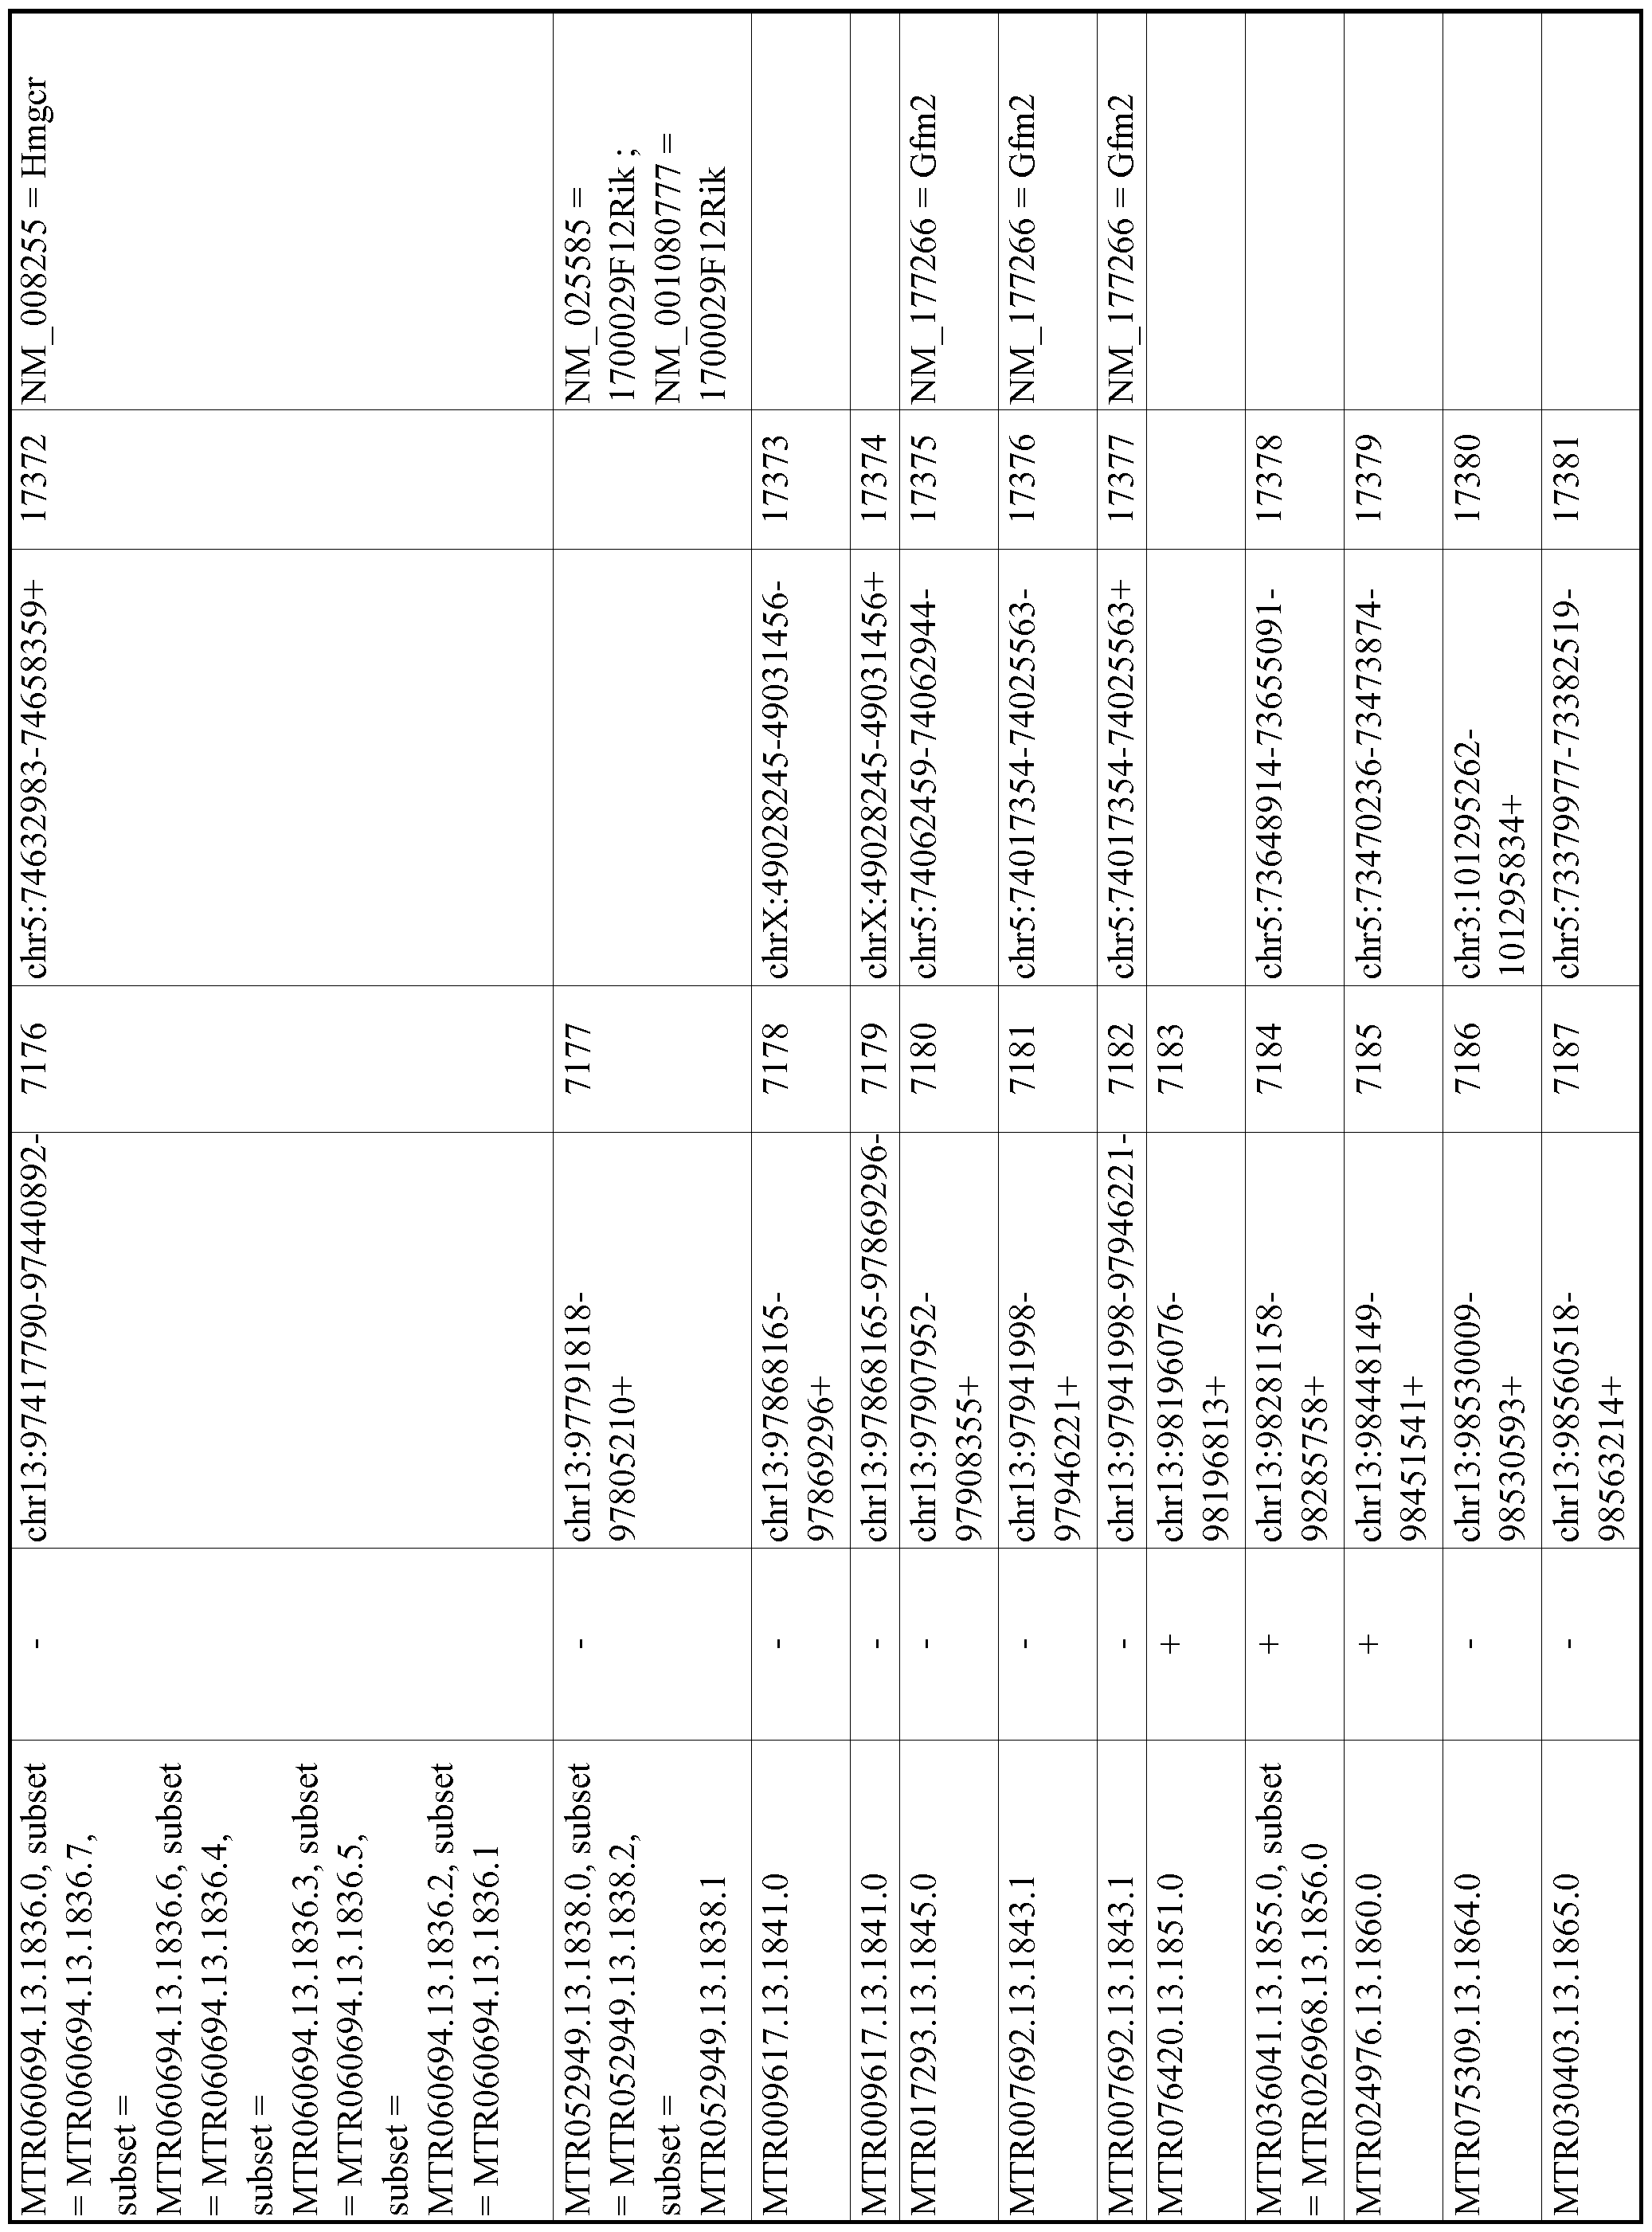 Figure imgf001259_0001